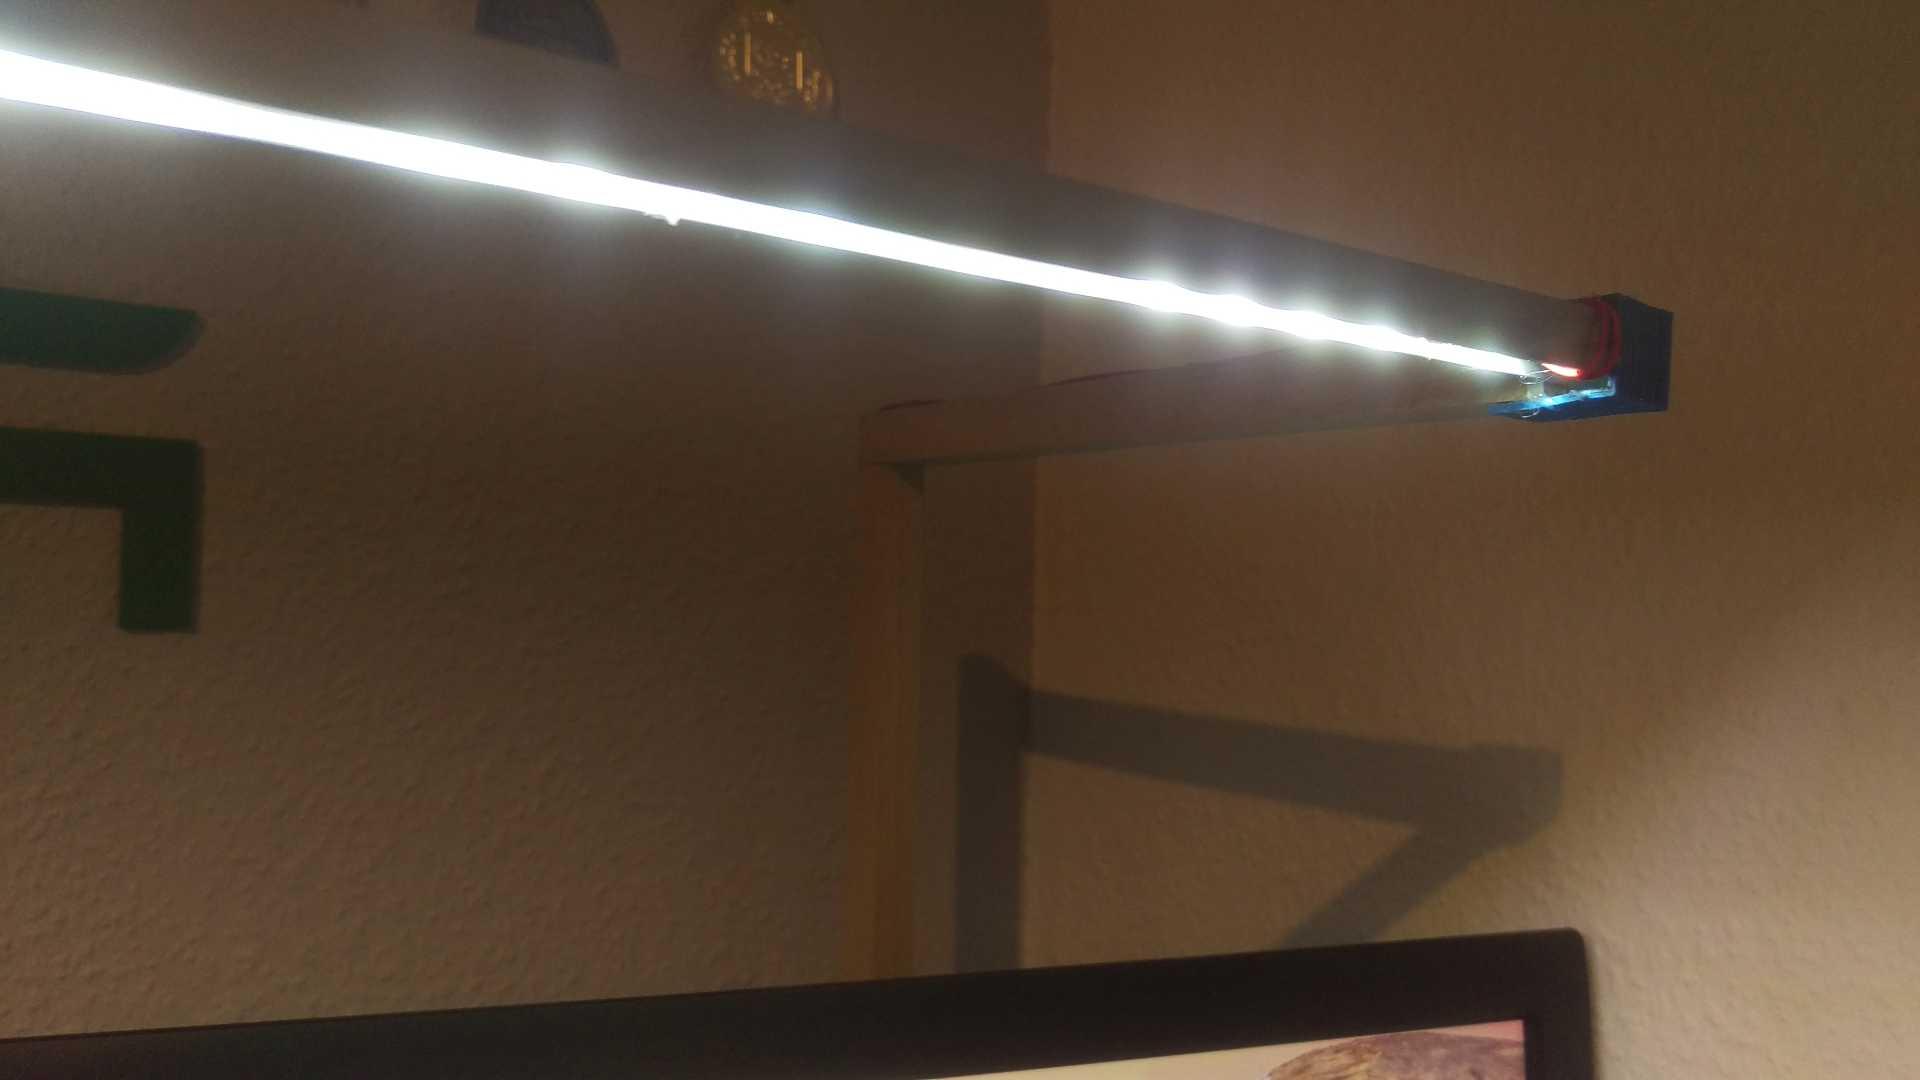 Full Size of Holz Led Lampe Selber Bauen Schreibtiselbst Und Lten Diy Techde Bad Lampen Fliesen Holzoptik Schlafzimmer Holzküche Altholz Esstisch Deckenleuchte Küche Wohnzimmer Holz Led Lampe Selber Bauen